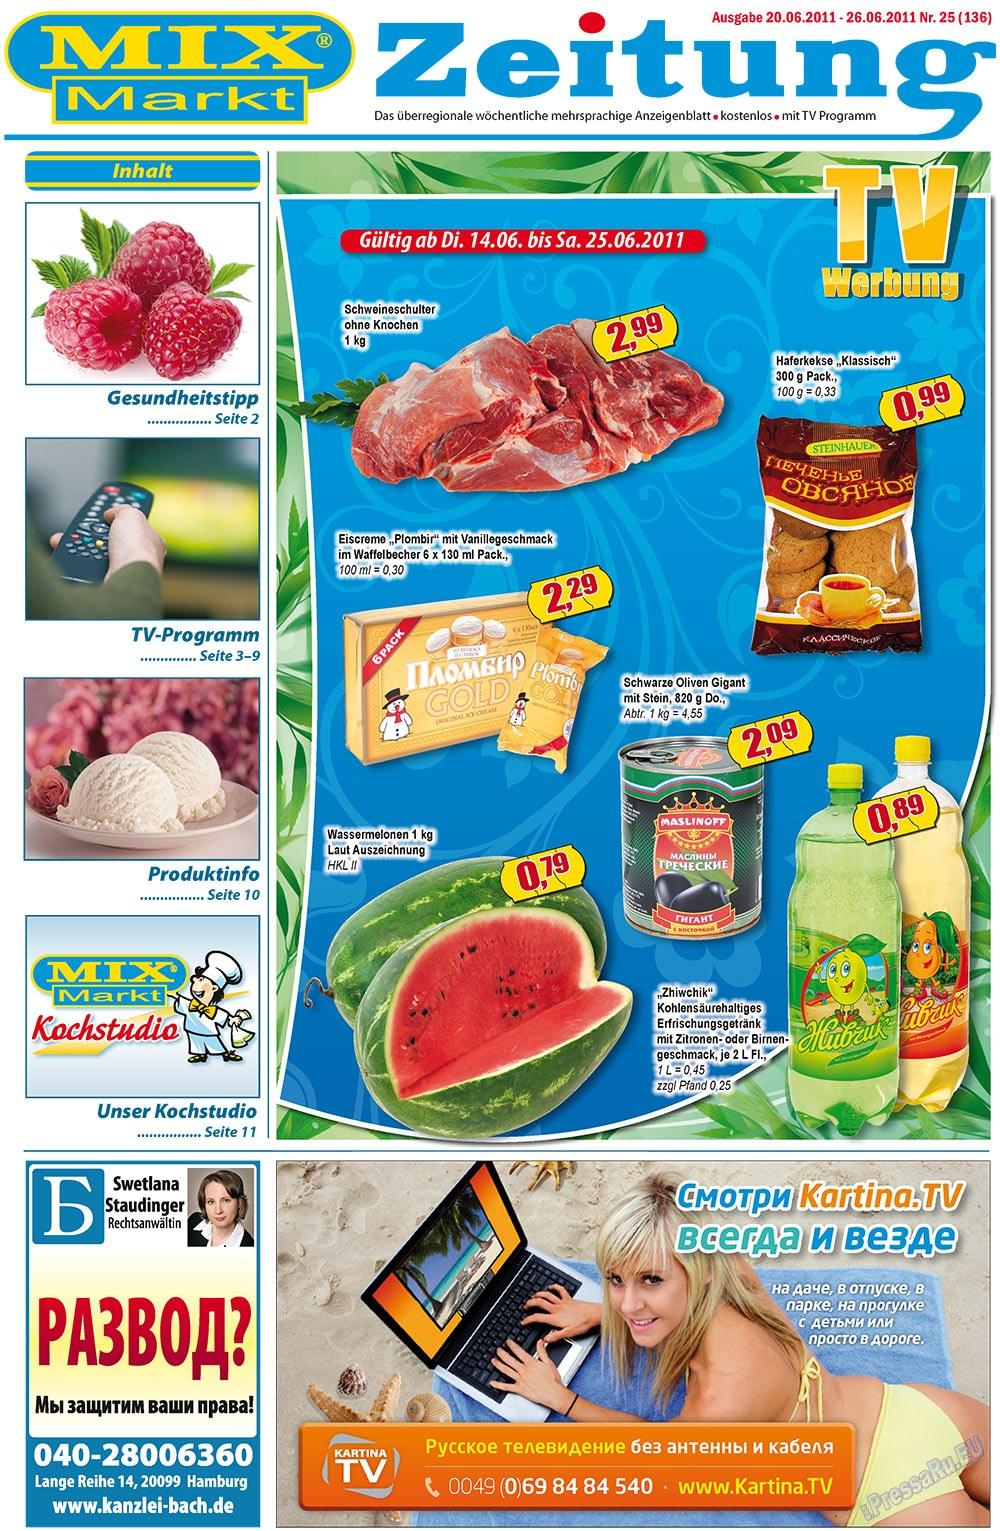 MIX-Markt Zeitung (газета). 2011 год, номер 25, стр. 1